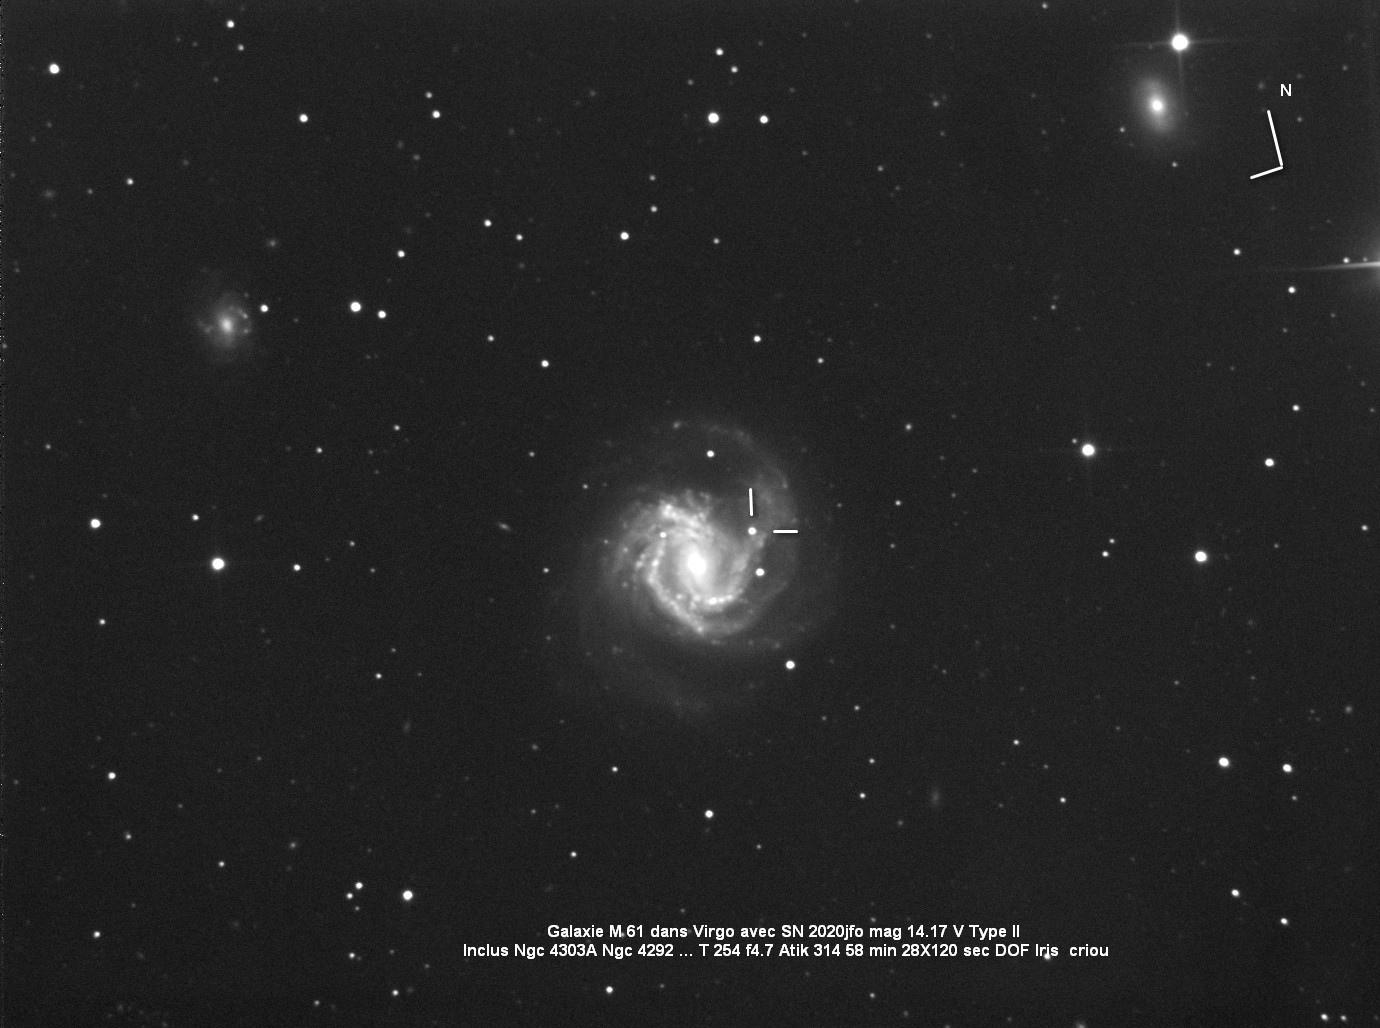 M61-SN 2020jfo.jpg